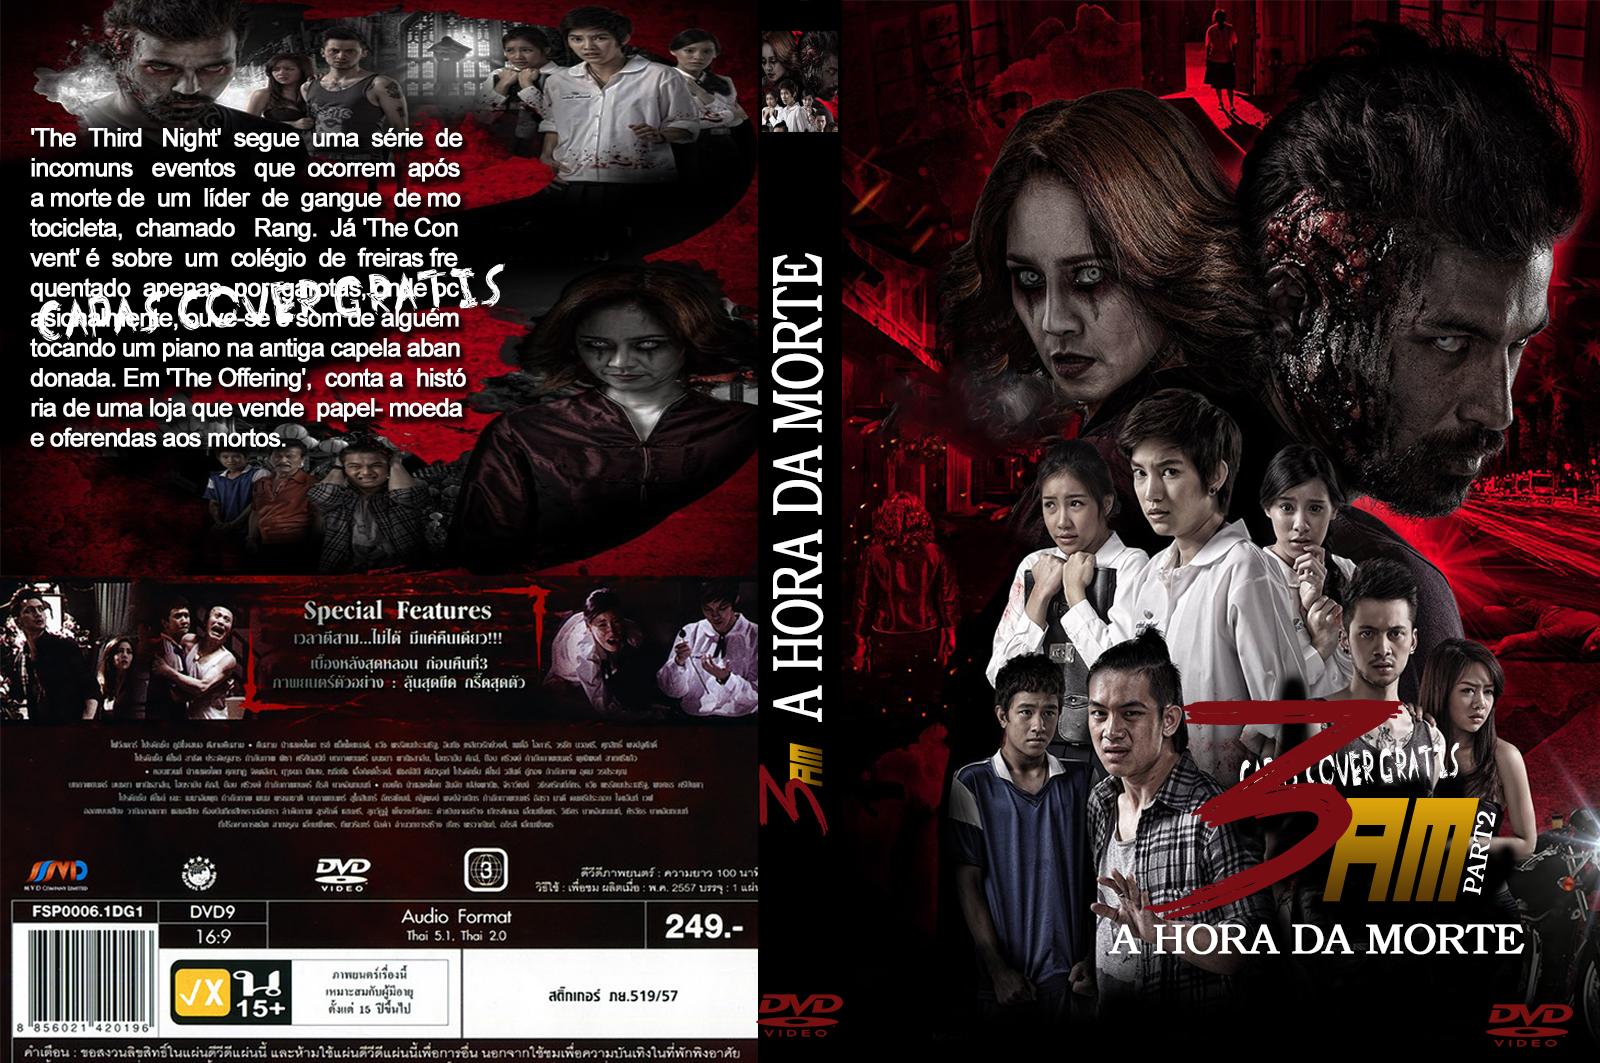 3 A.M. A Hora da Morte DVD-R 3 A.M. A Hora da Morte DVD-R 3AM 2BA 2BHORA 2BDA 2BMORTE